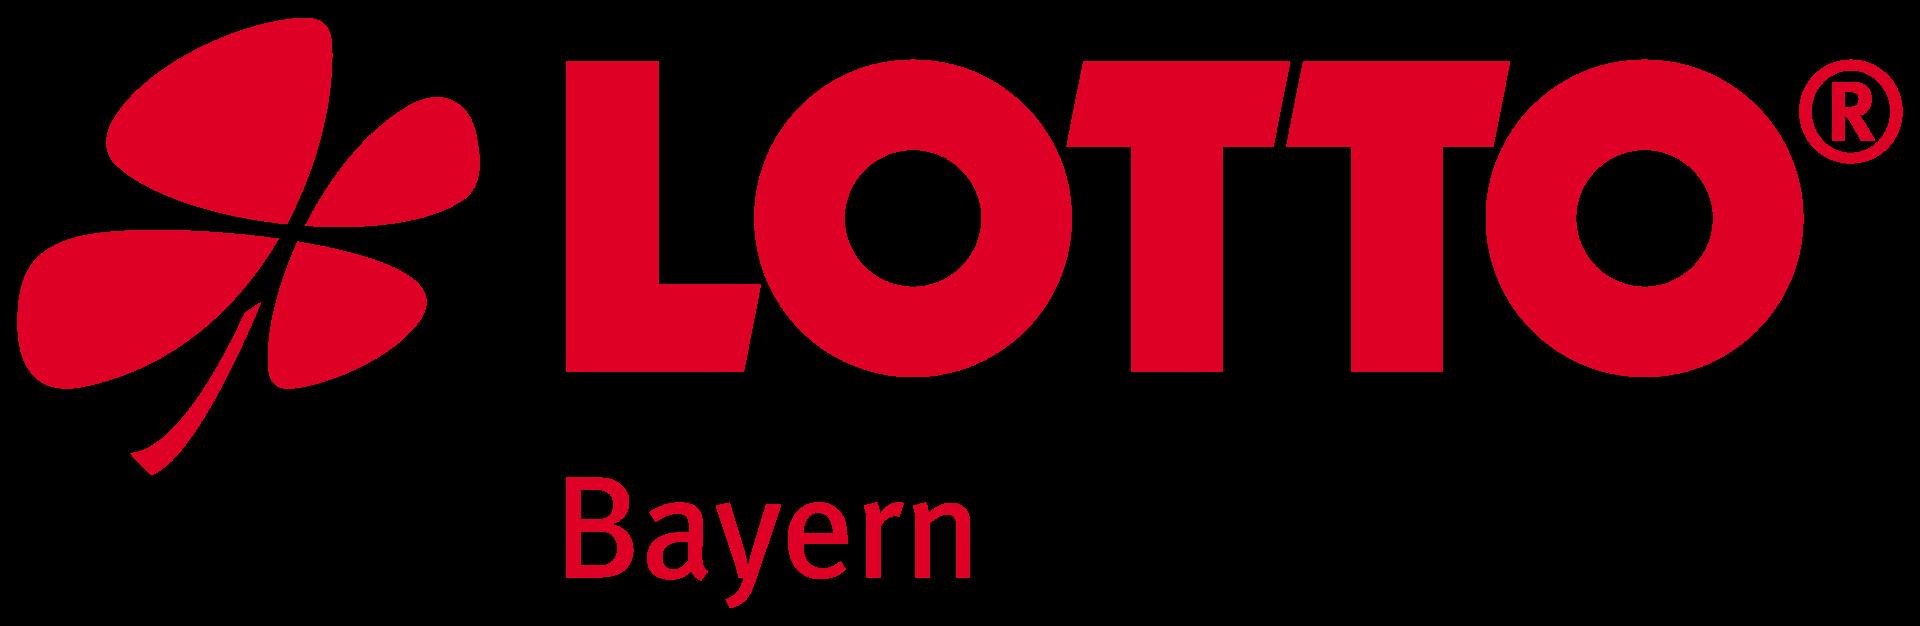 Staatliche Spielbanken Bayern – 45455